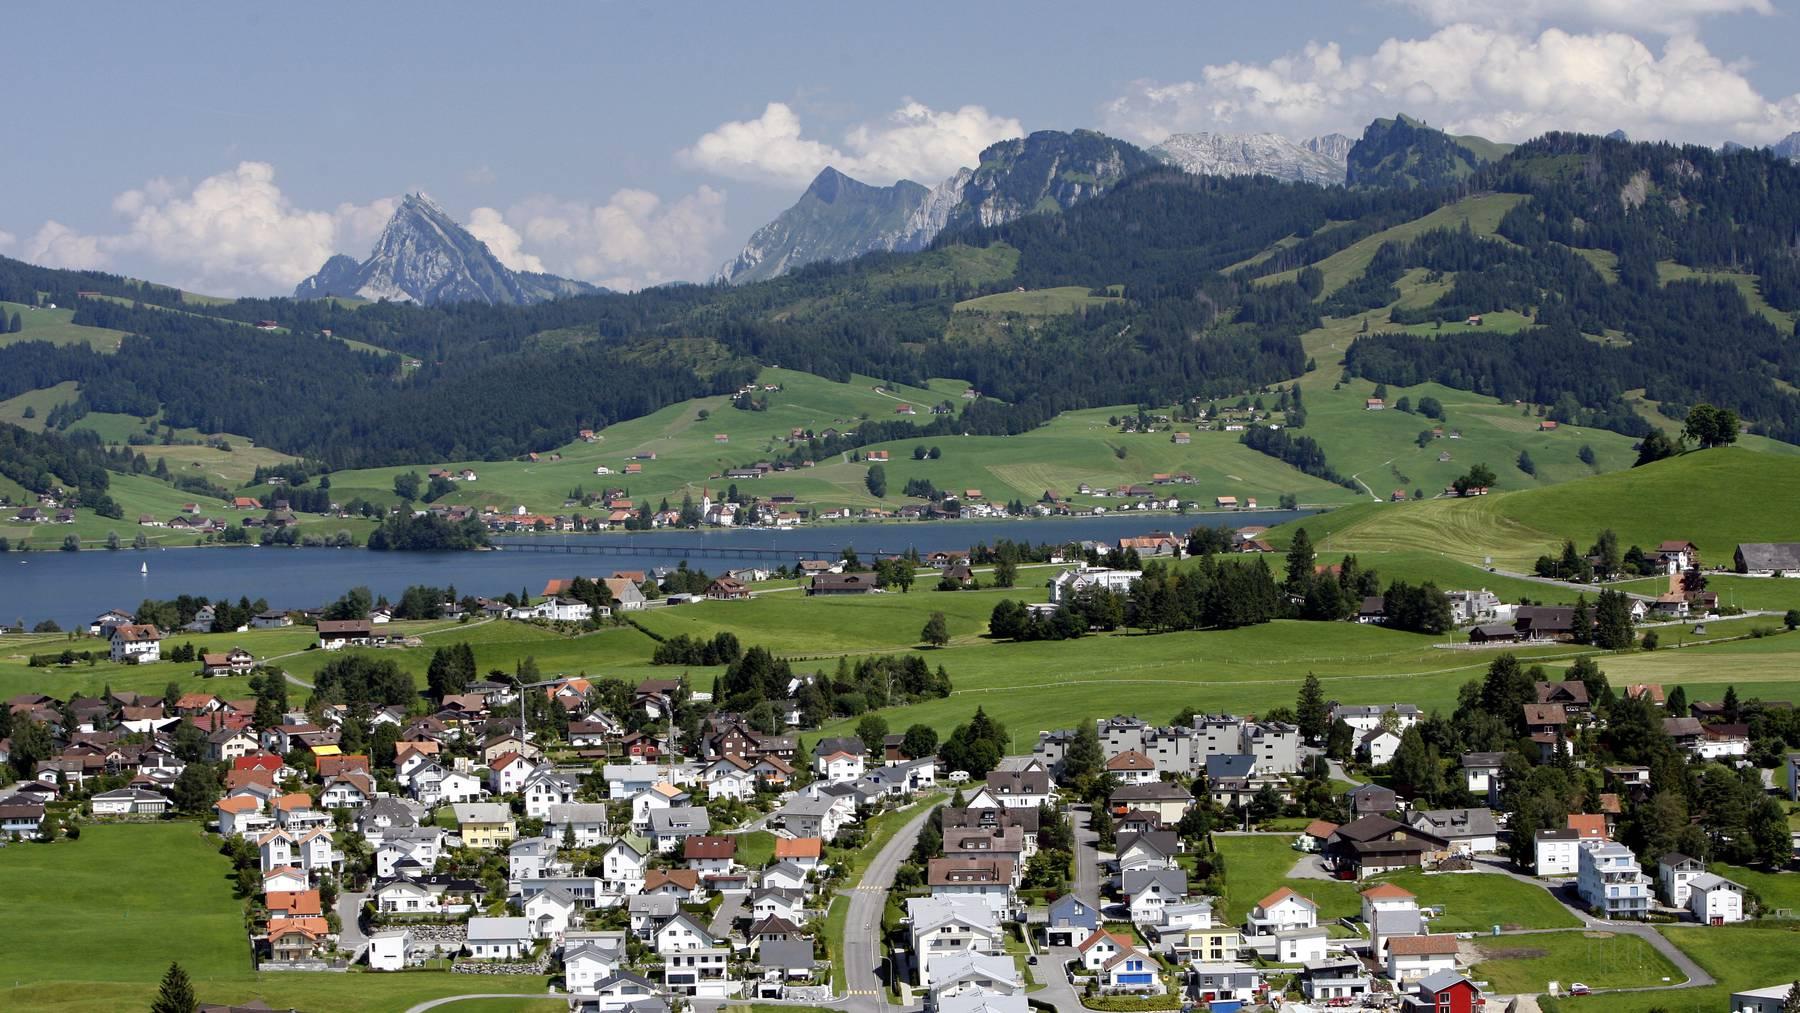 Beim Wandern nach Einsiedeln sieht man das wunderschöne Alpenpanorama.